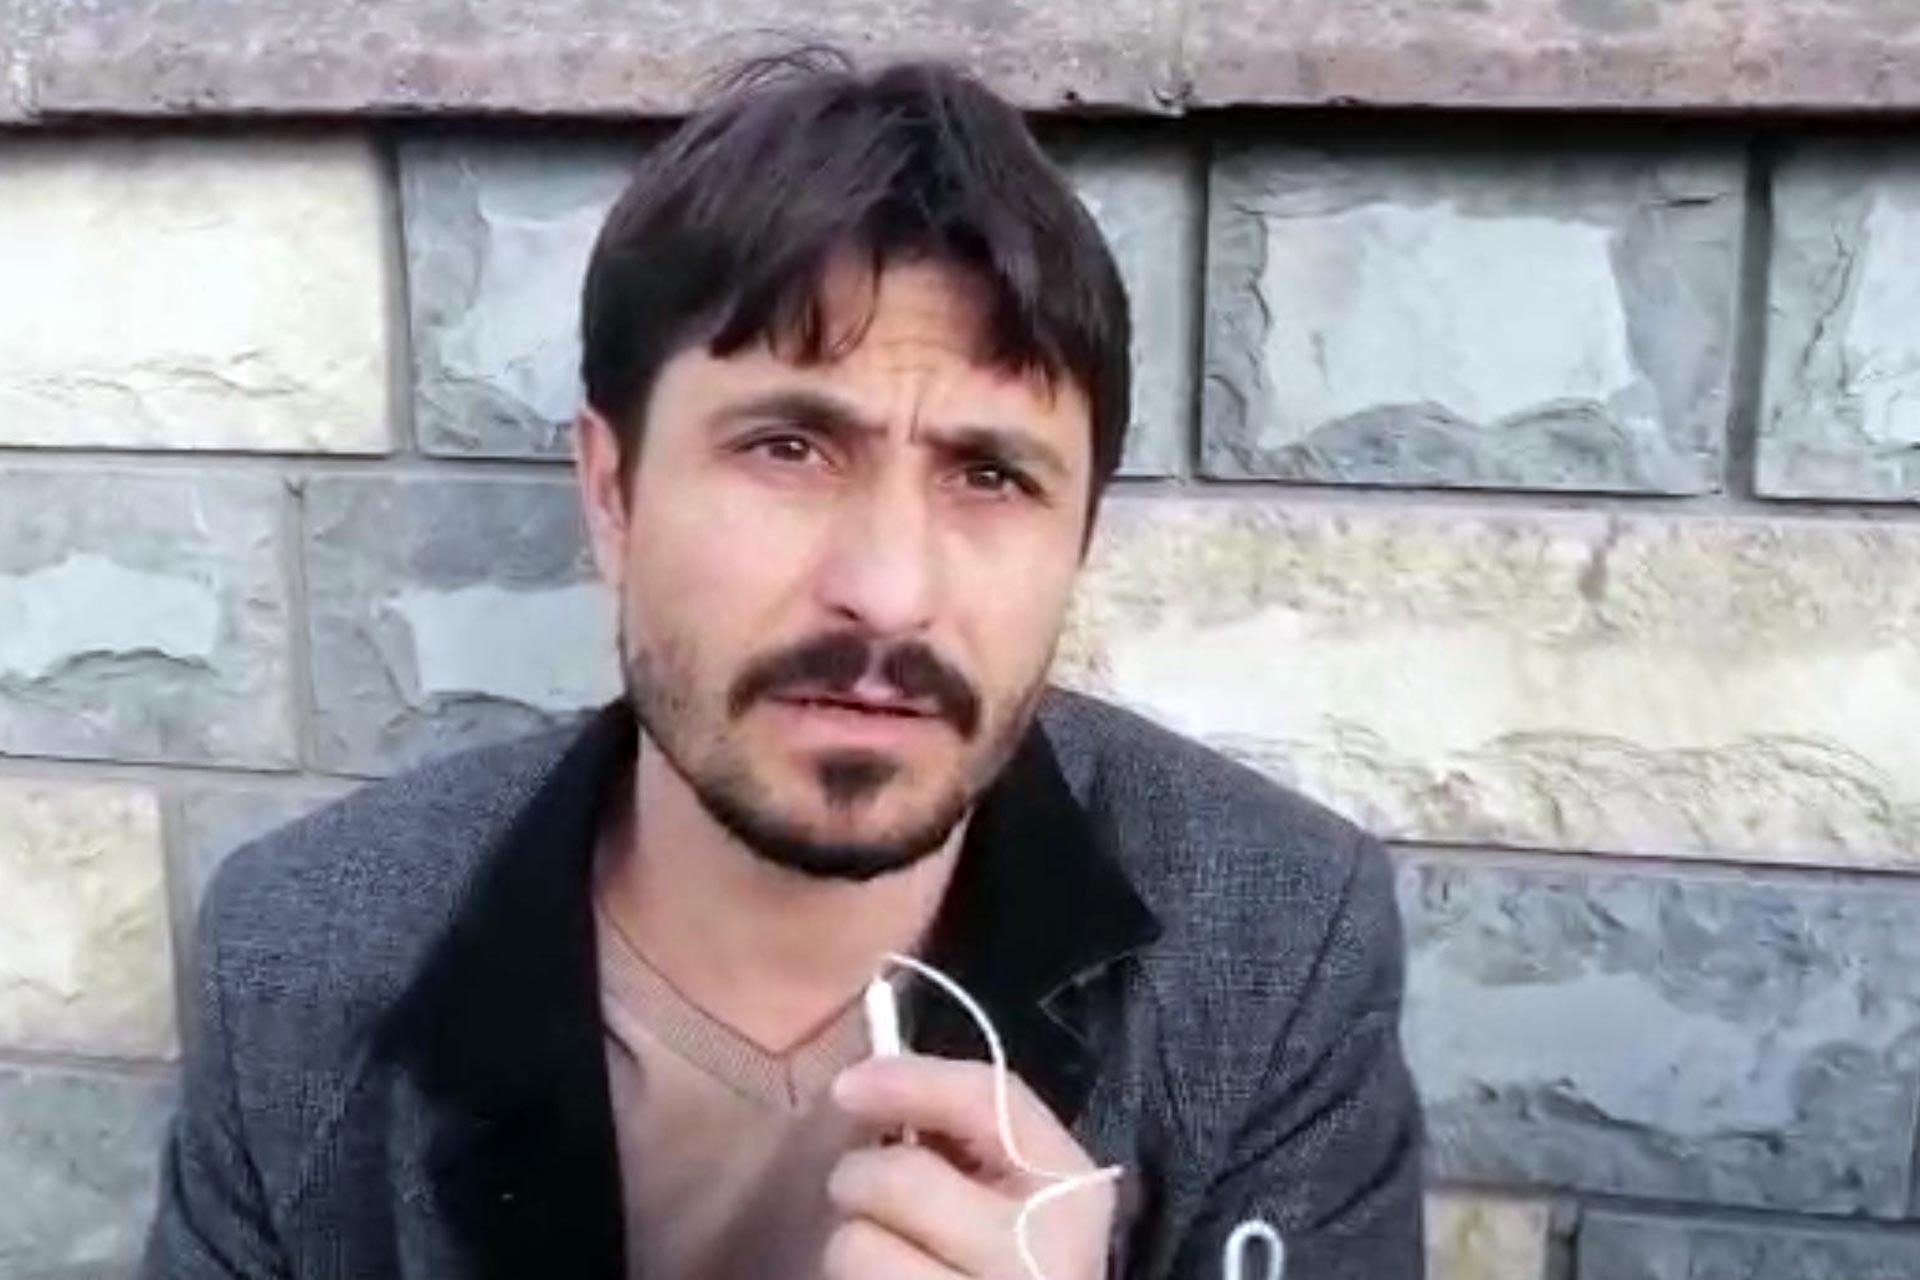 Grevdeki Trelleborg işçisi İhsan Özgenç